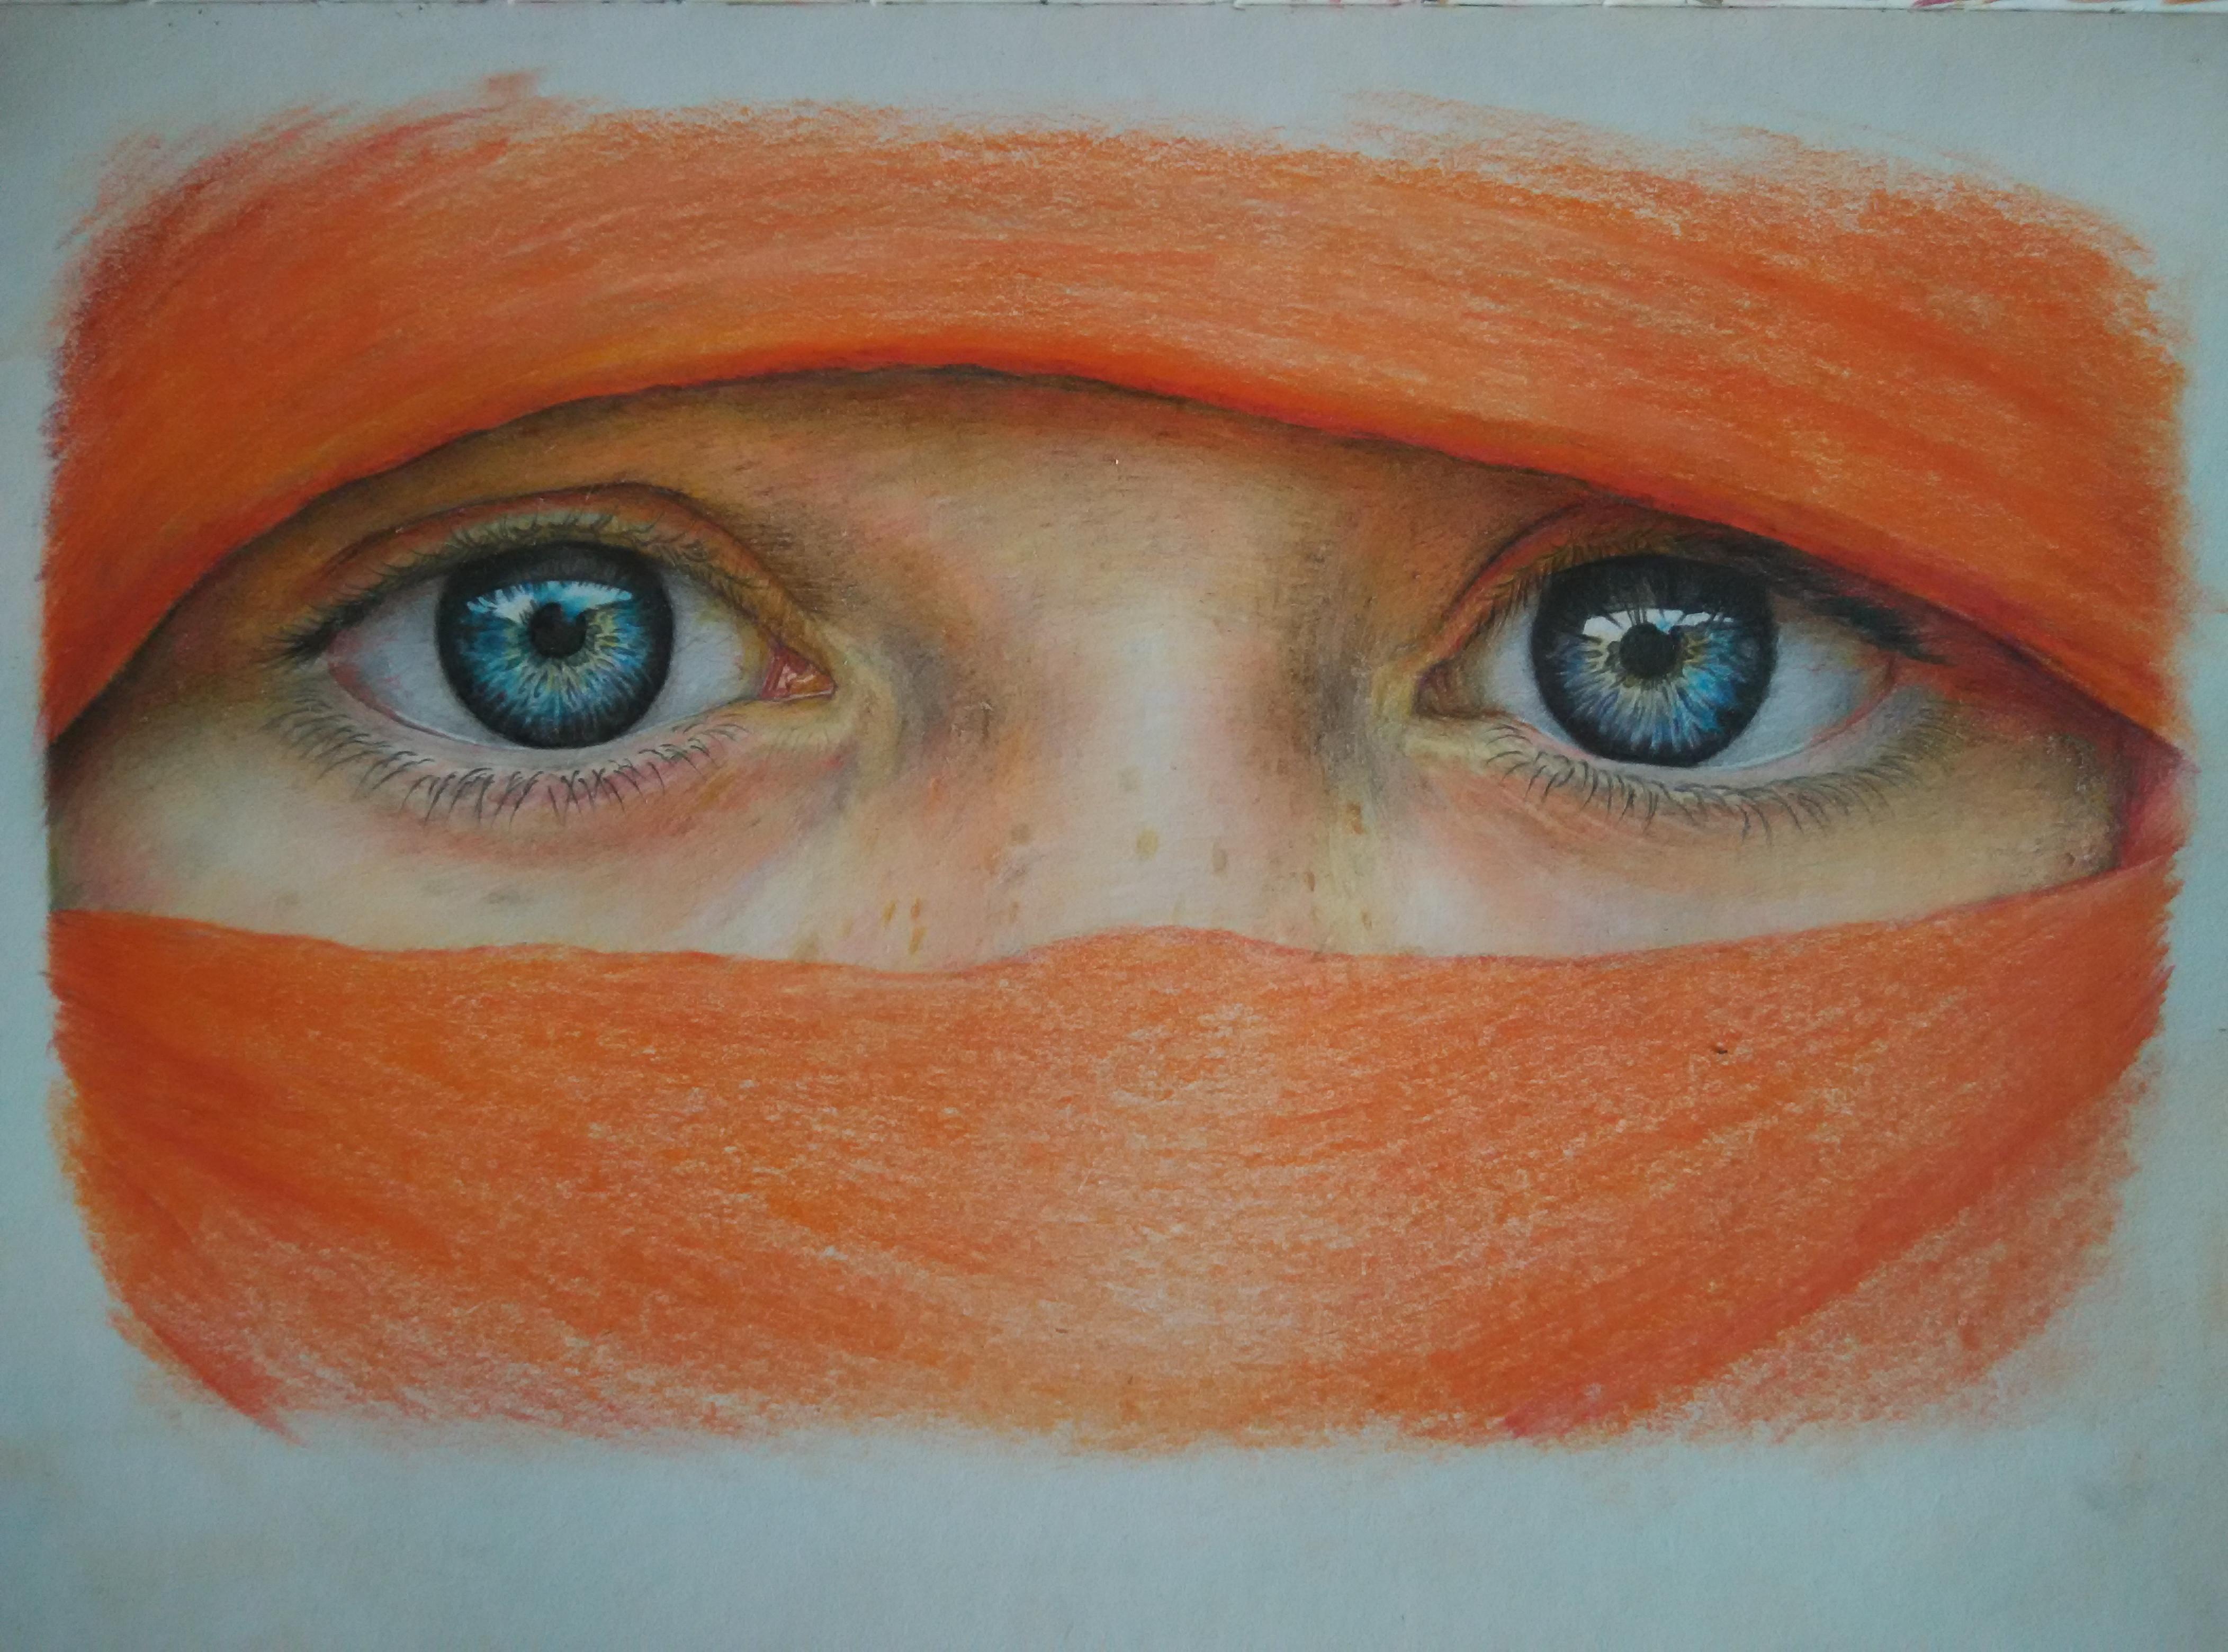 第一幅彩铅手绘|插画|插画习作|精华的胡萝卜 - 原创